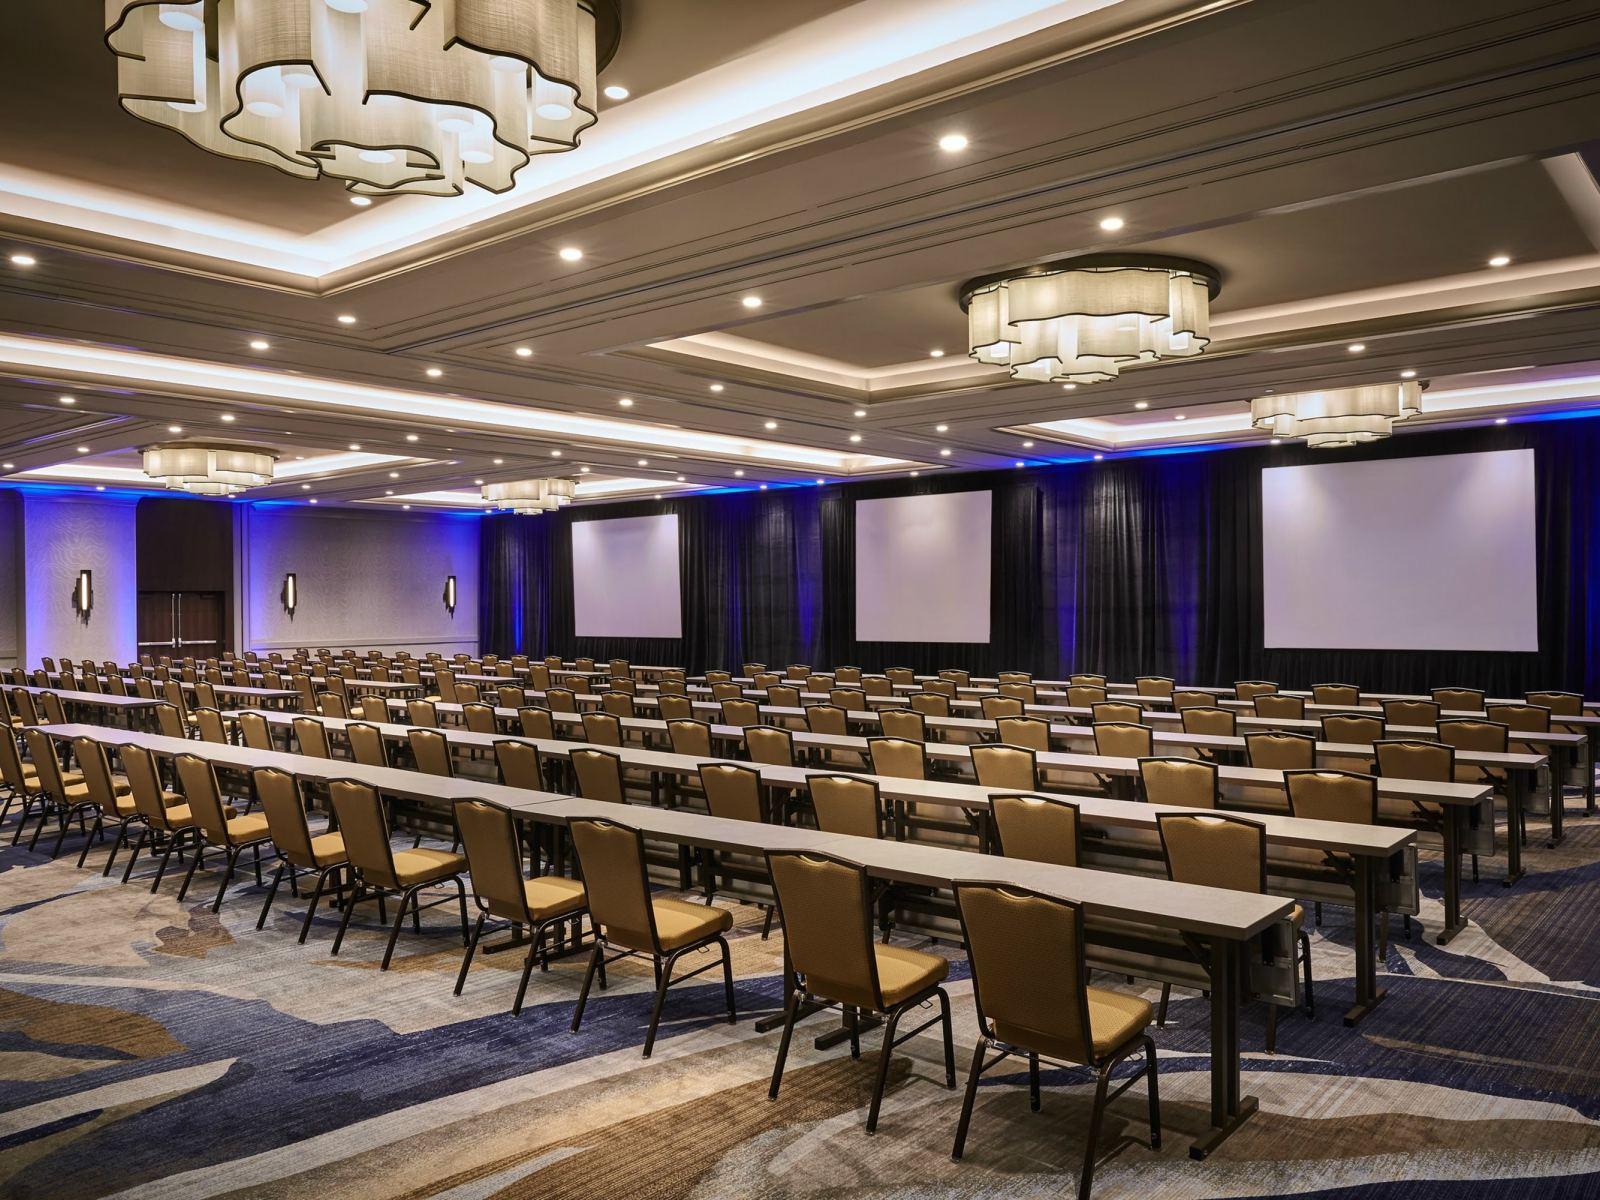 LAXMB---California-Ballroom2-Classroom-Setup-2016